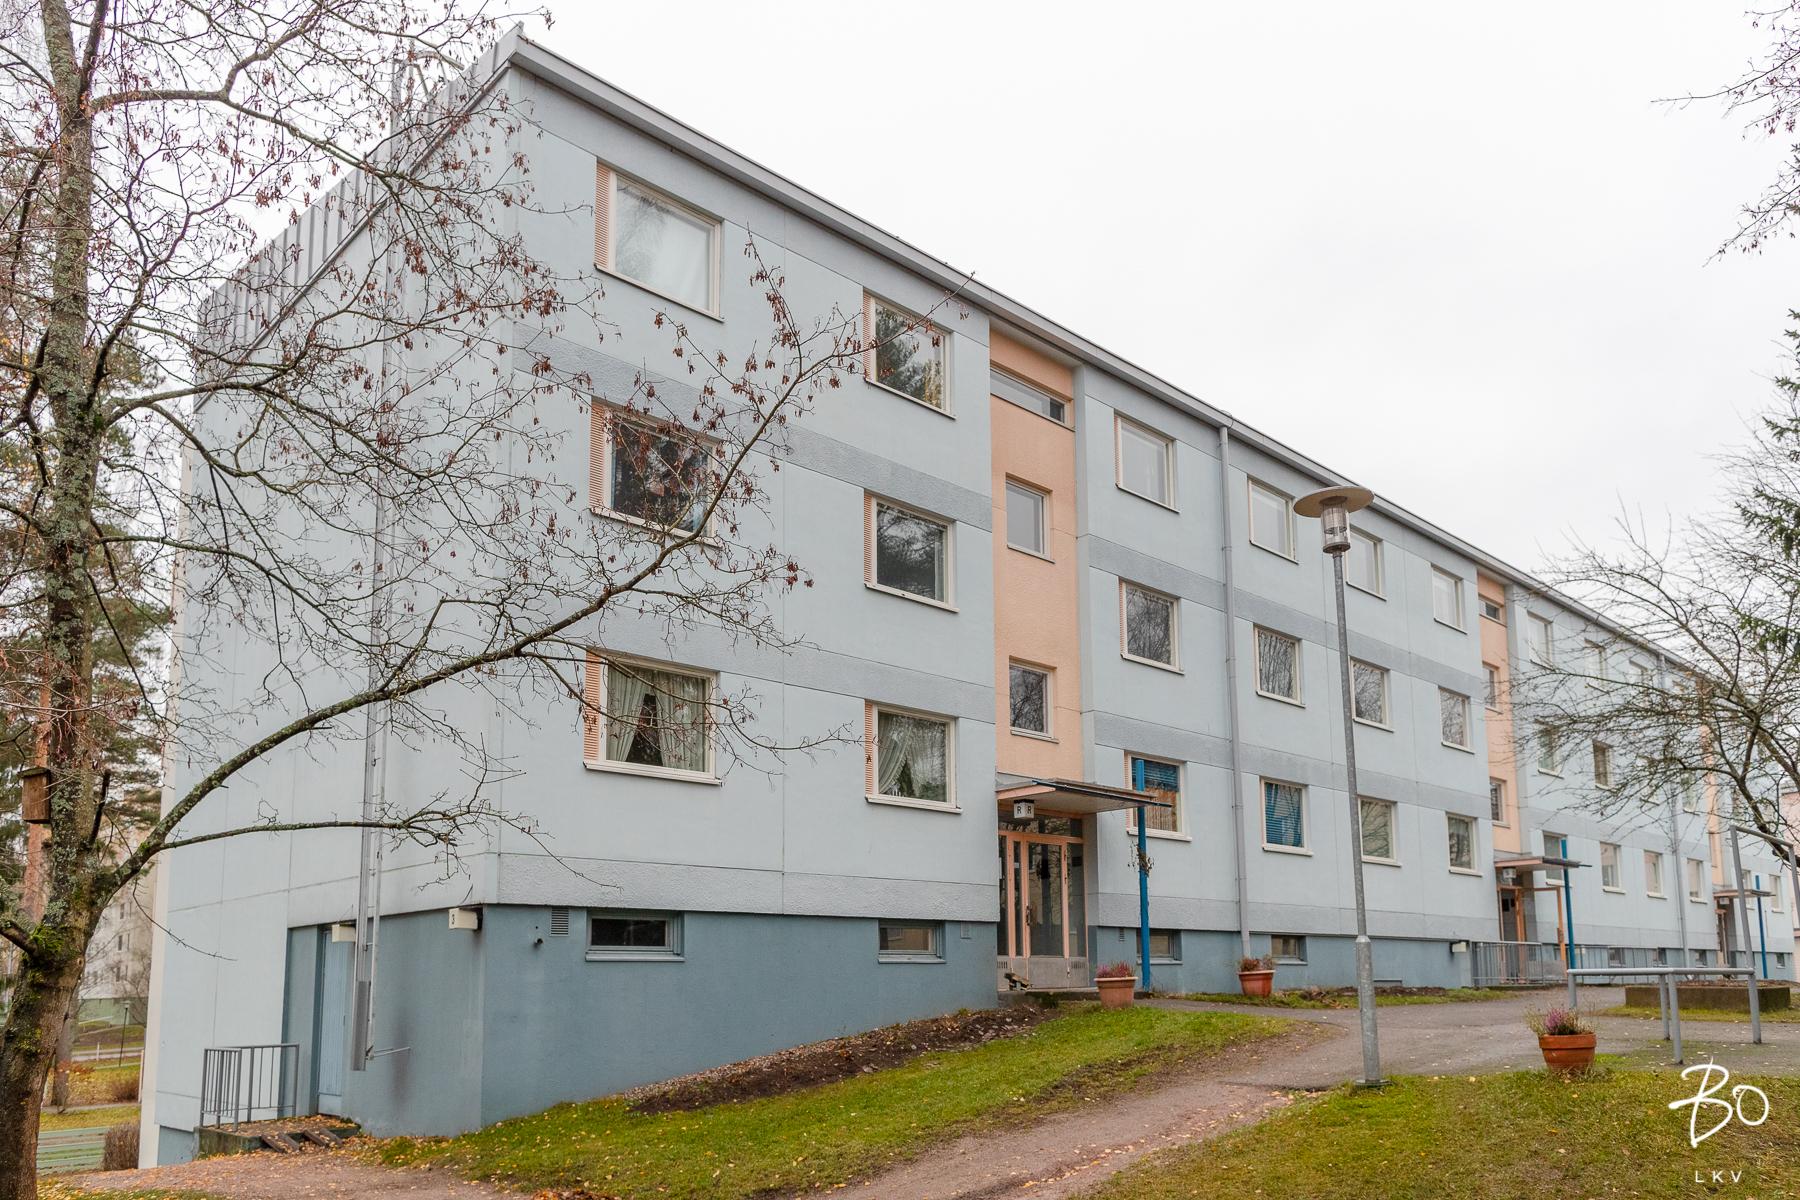 Viherkallionkuja-12.jpg